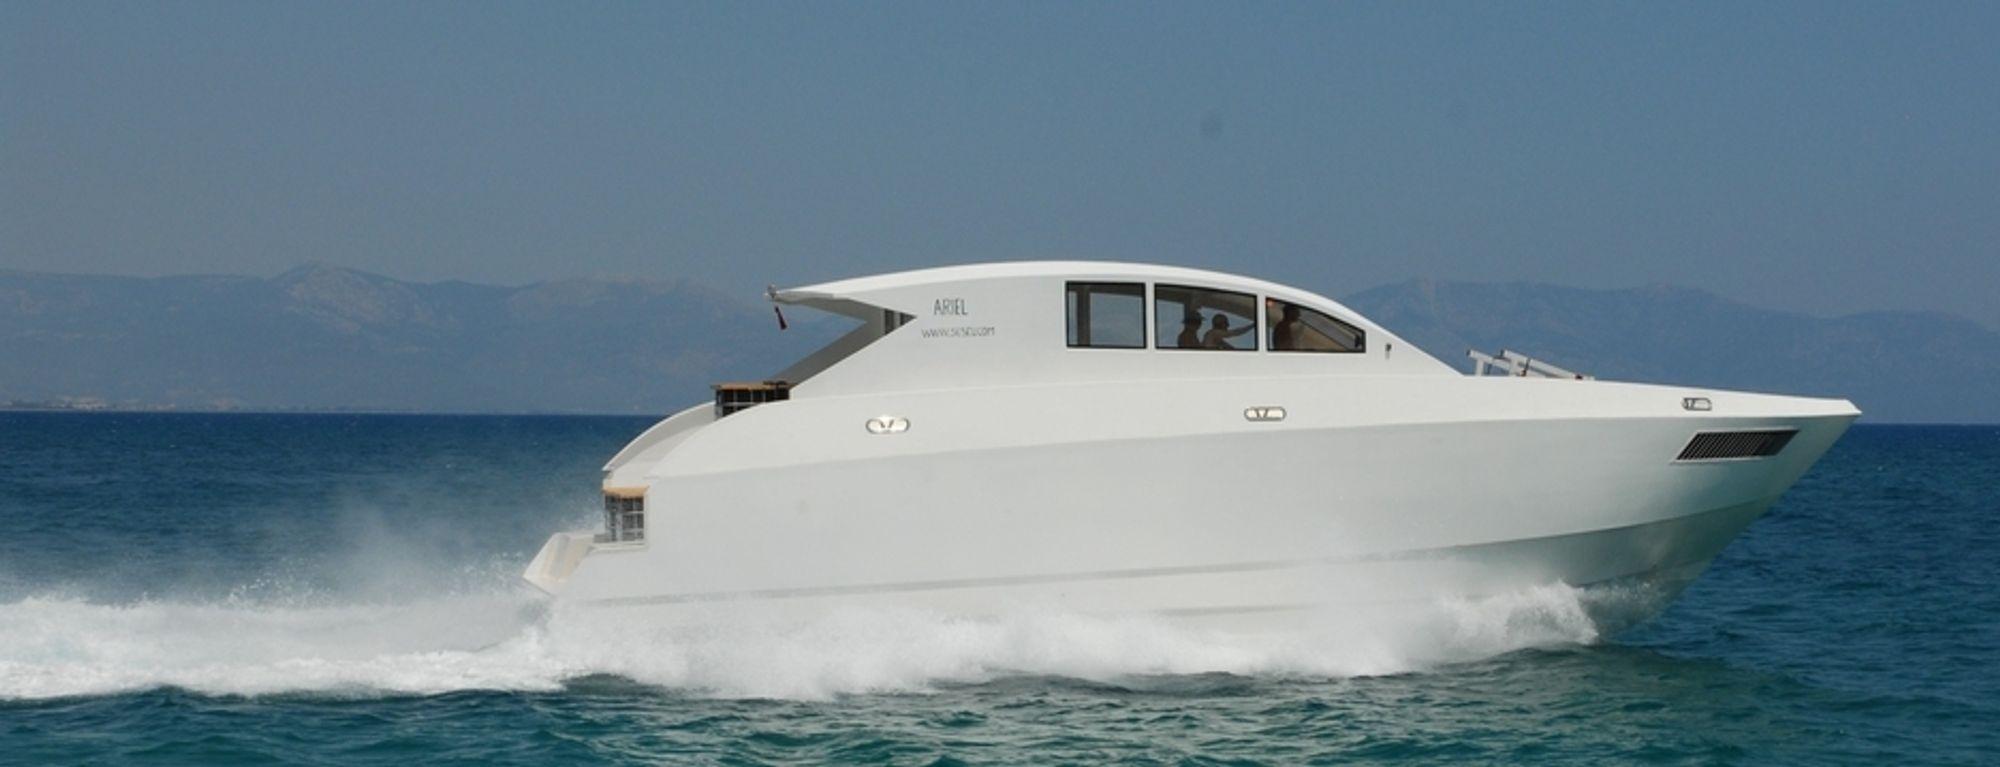 LØFT: Test i 30 knop utenfor Antalya i Tyrkia tidlig  i sommer. Det blir nesten ikke bølger etter båten ettersom den ikke behøver å dytte unna store vannmengder.